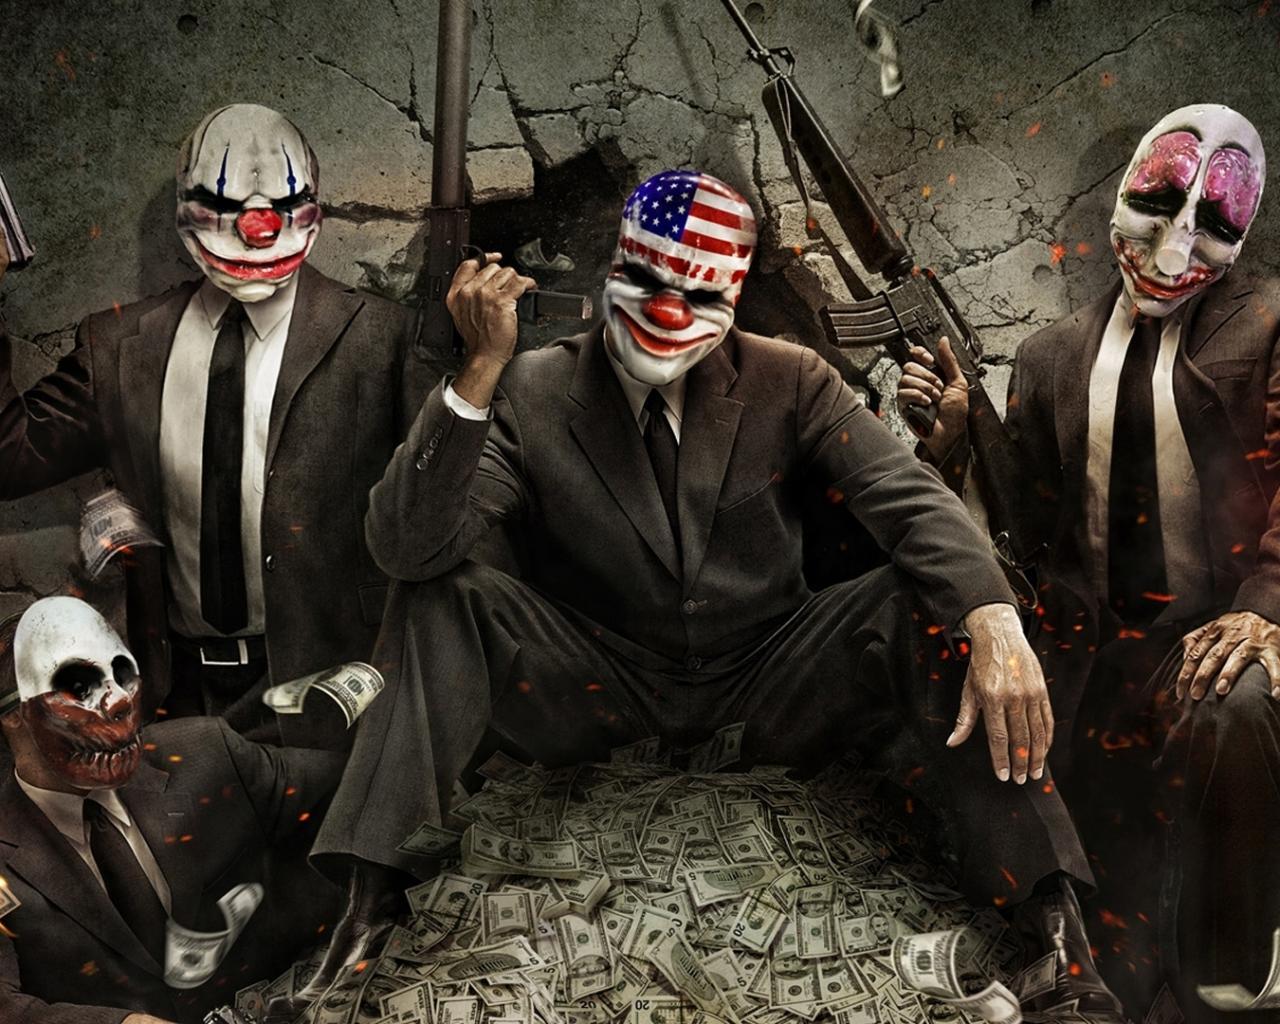 куча денег, долларов, бандиты, скачать фото, обои для рабочего стола